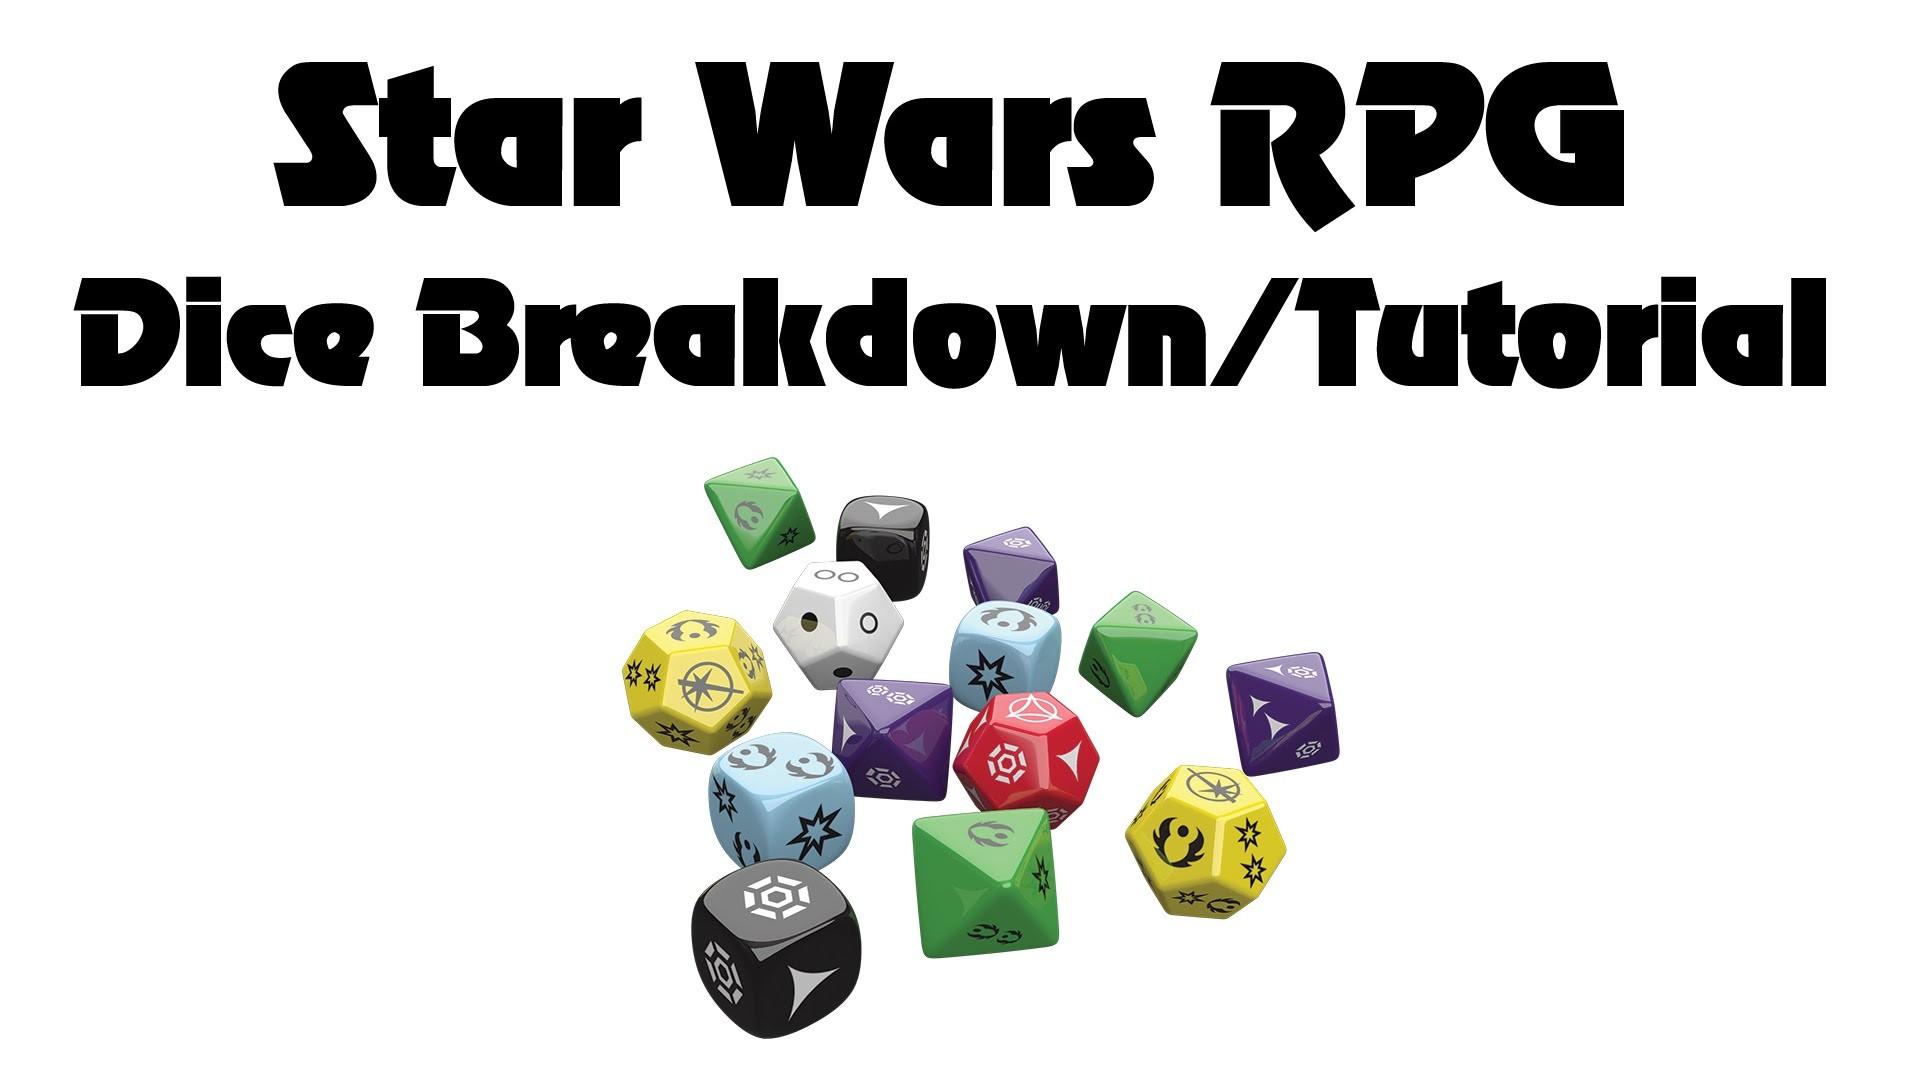 Star Wars RPG Dice Breakdown/Tutorial